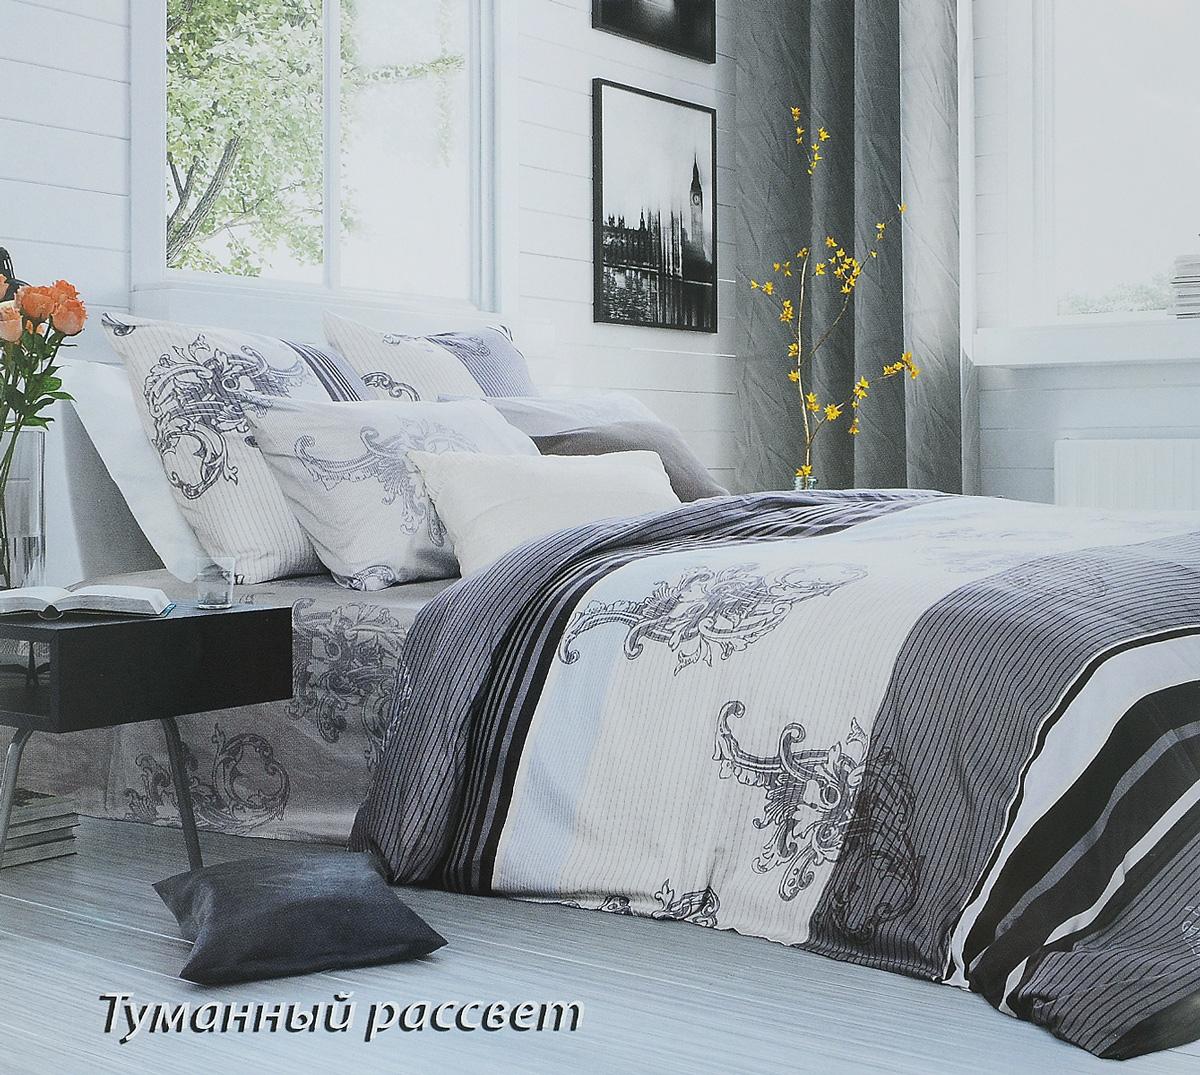 Комплект белья Tiffany's Secret Туманный рассвет, евро, наволочки 50х70, цвет: серый, белый комплект постельного белья tiffany s secret евро сатин туманный рассвет n50